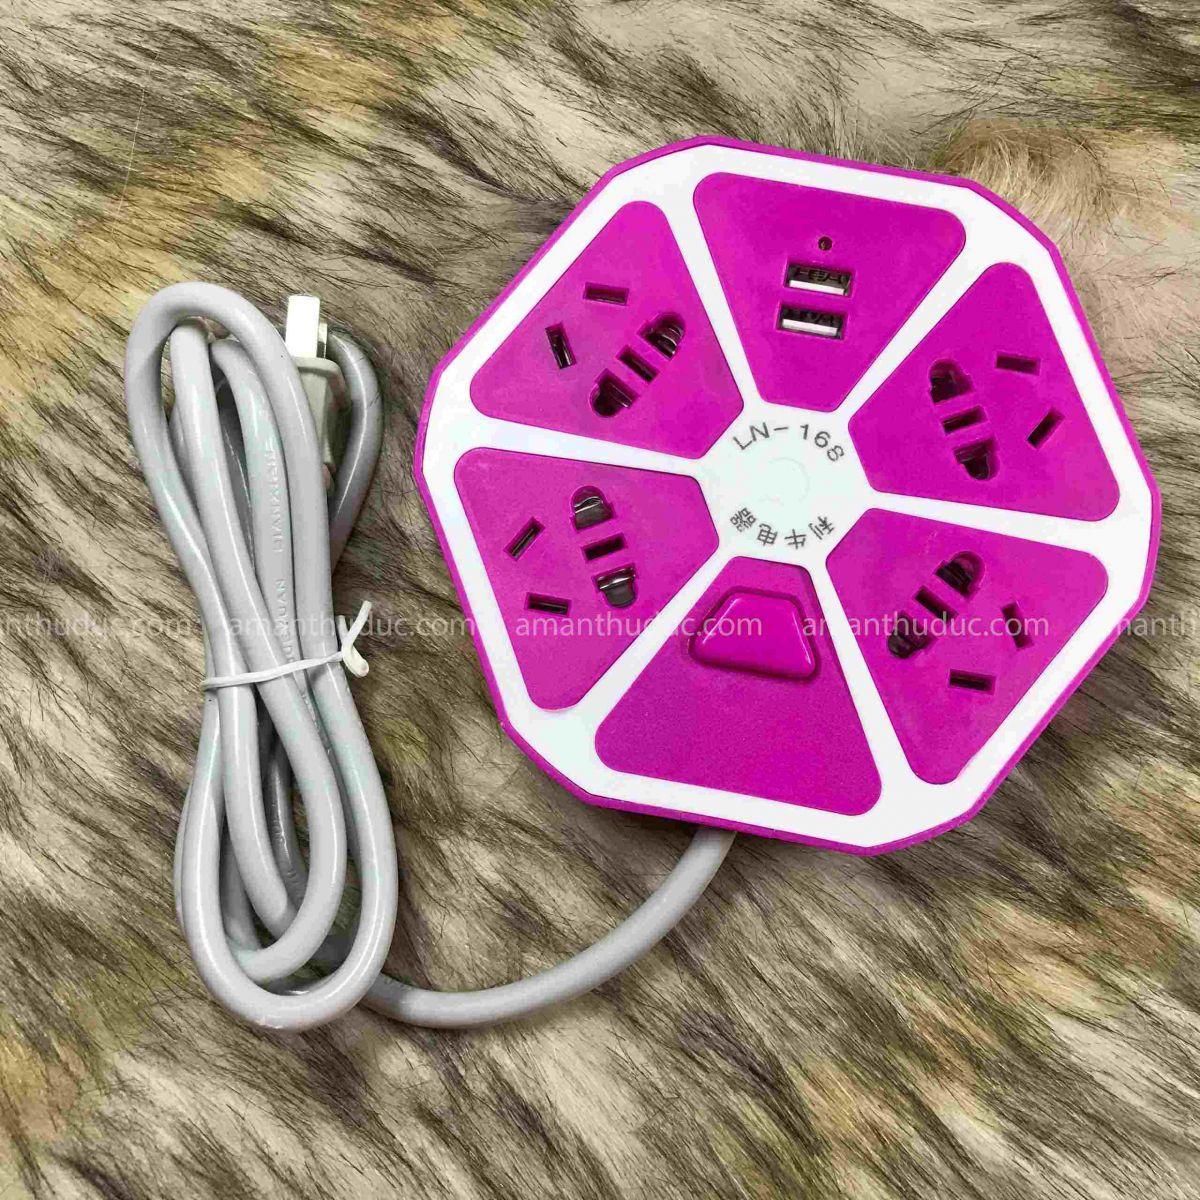 Ổ Cắm Điện Hình Trái Cam 2 Cổng USB Cao Cấp